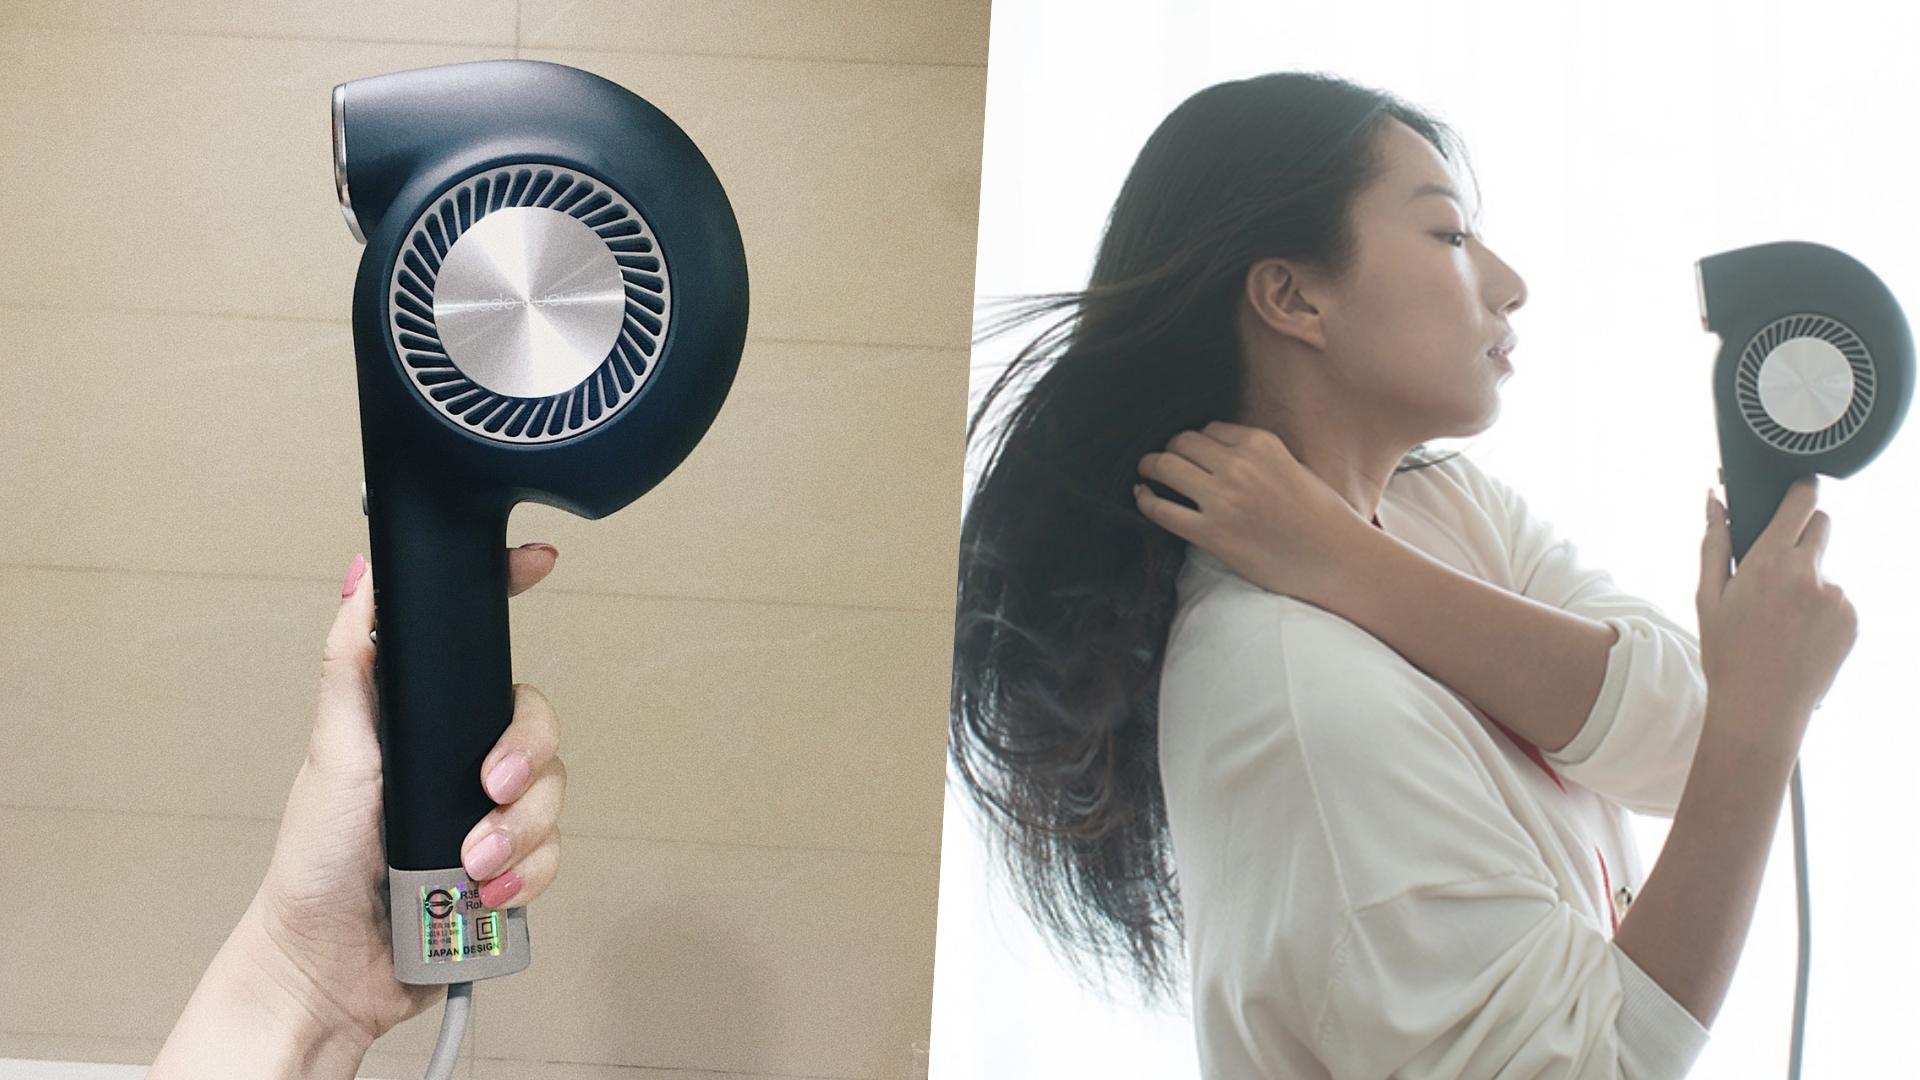 獨特的P字造型、無風筒的設計跟市面上的吹風機大不相同,而這樣的設計就是為了讓吹風機和頭髮更加接近,使用起來更容易操作